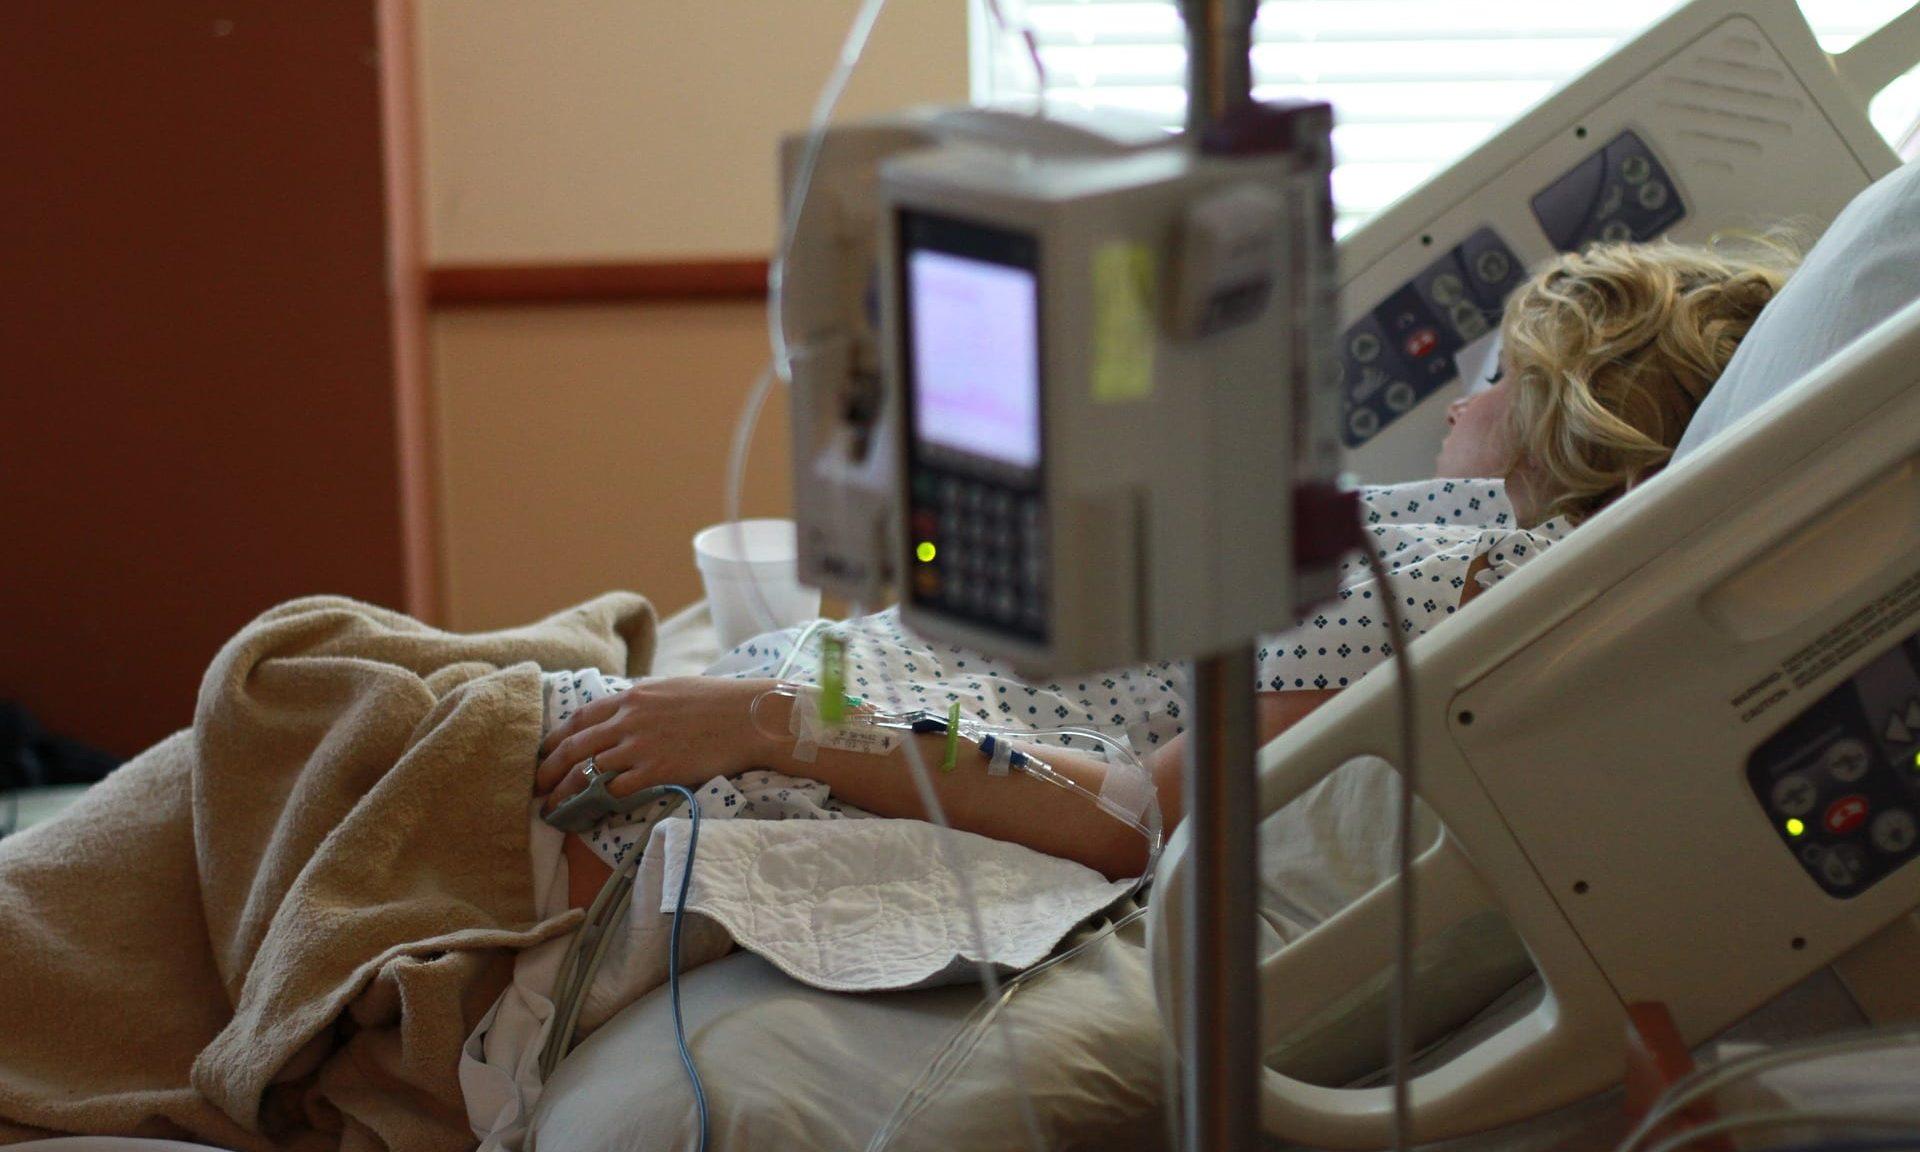 Spitalsbett mit Patient